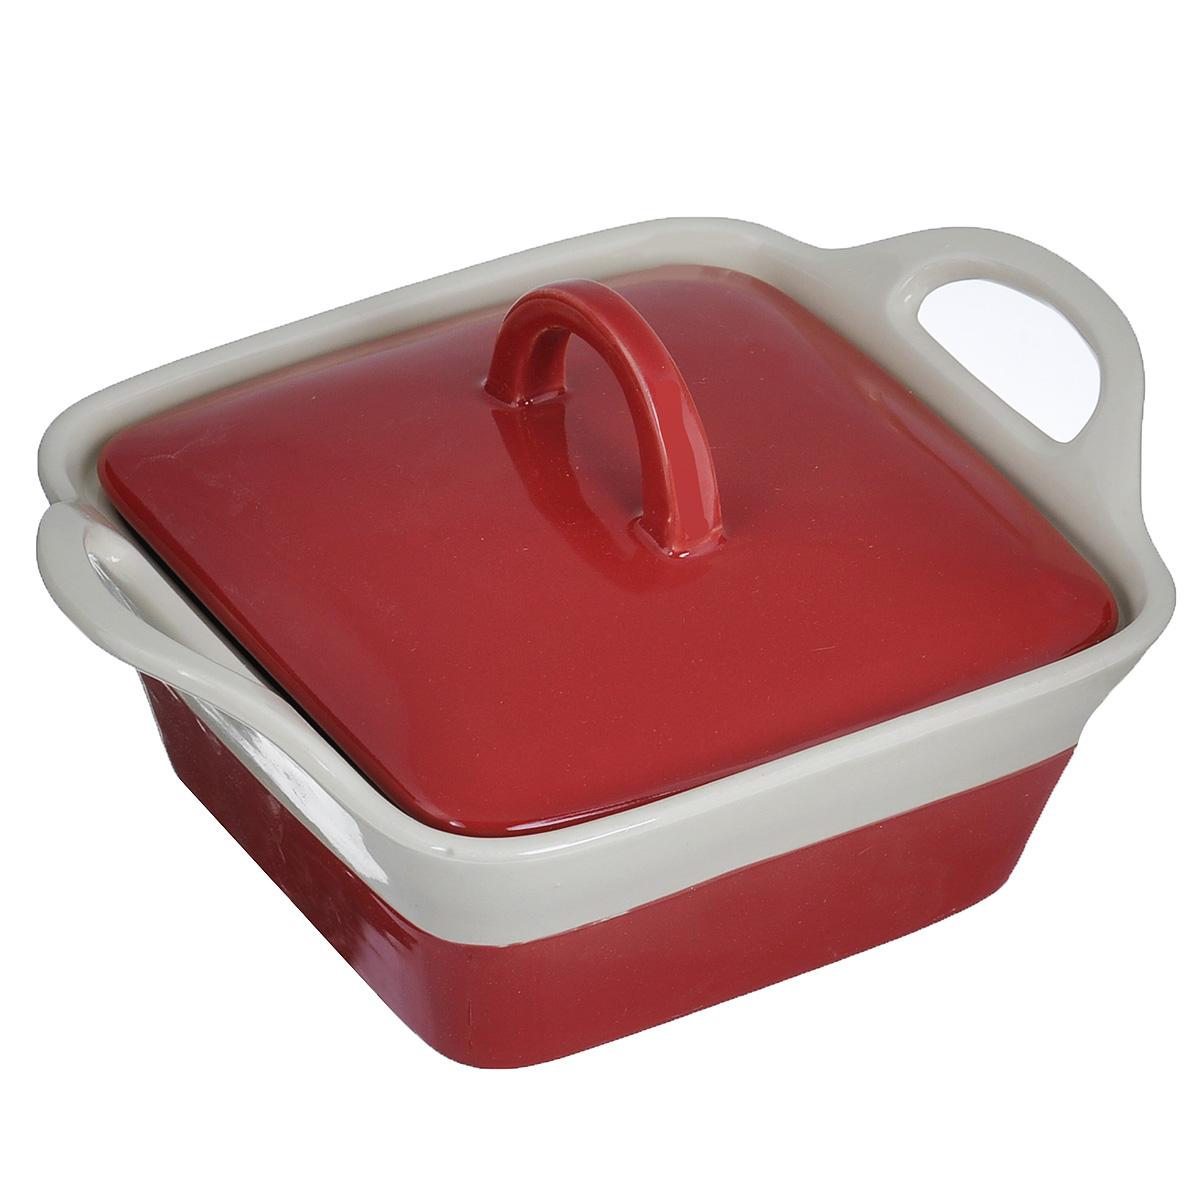 Кастрюля Mayer & Boch с крышкой, цвет: красный, бежевый, 680 мл21807Кастрюля Mayer & Boch изготовленная из жаропрочной керамики, подходит для любого вида пищи. Элегантный дизайн идеально подходит для современного дома. В комплект входит крышка из керамики. Изделия из керамики идеально подходят как для приготовления пищи, так и для подачи на стол. Материал не содержит свинца и кадмия. С такой кастрюлей вы всегда сможете порадовать своих близких оригинальным блюдом. Кастрюлю можно использовать на газовой, электрической плите и в микроволновой печи. Можно мыть в посудомоечной машине. Размер кастрюли: 15,5 см х 15,5 см. Ширина кастрюли (с учетом ручек): 22 см. Высота стенок: 7 см.